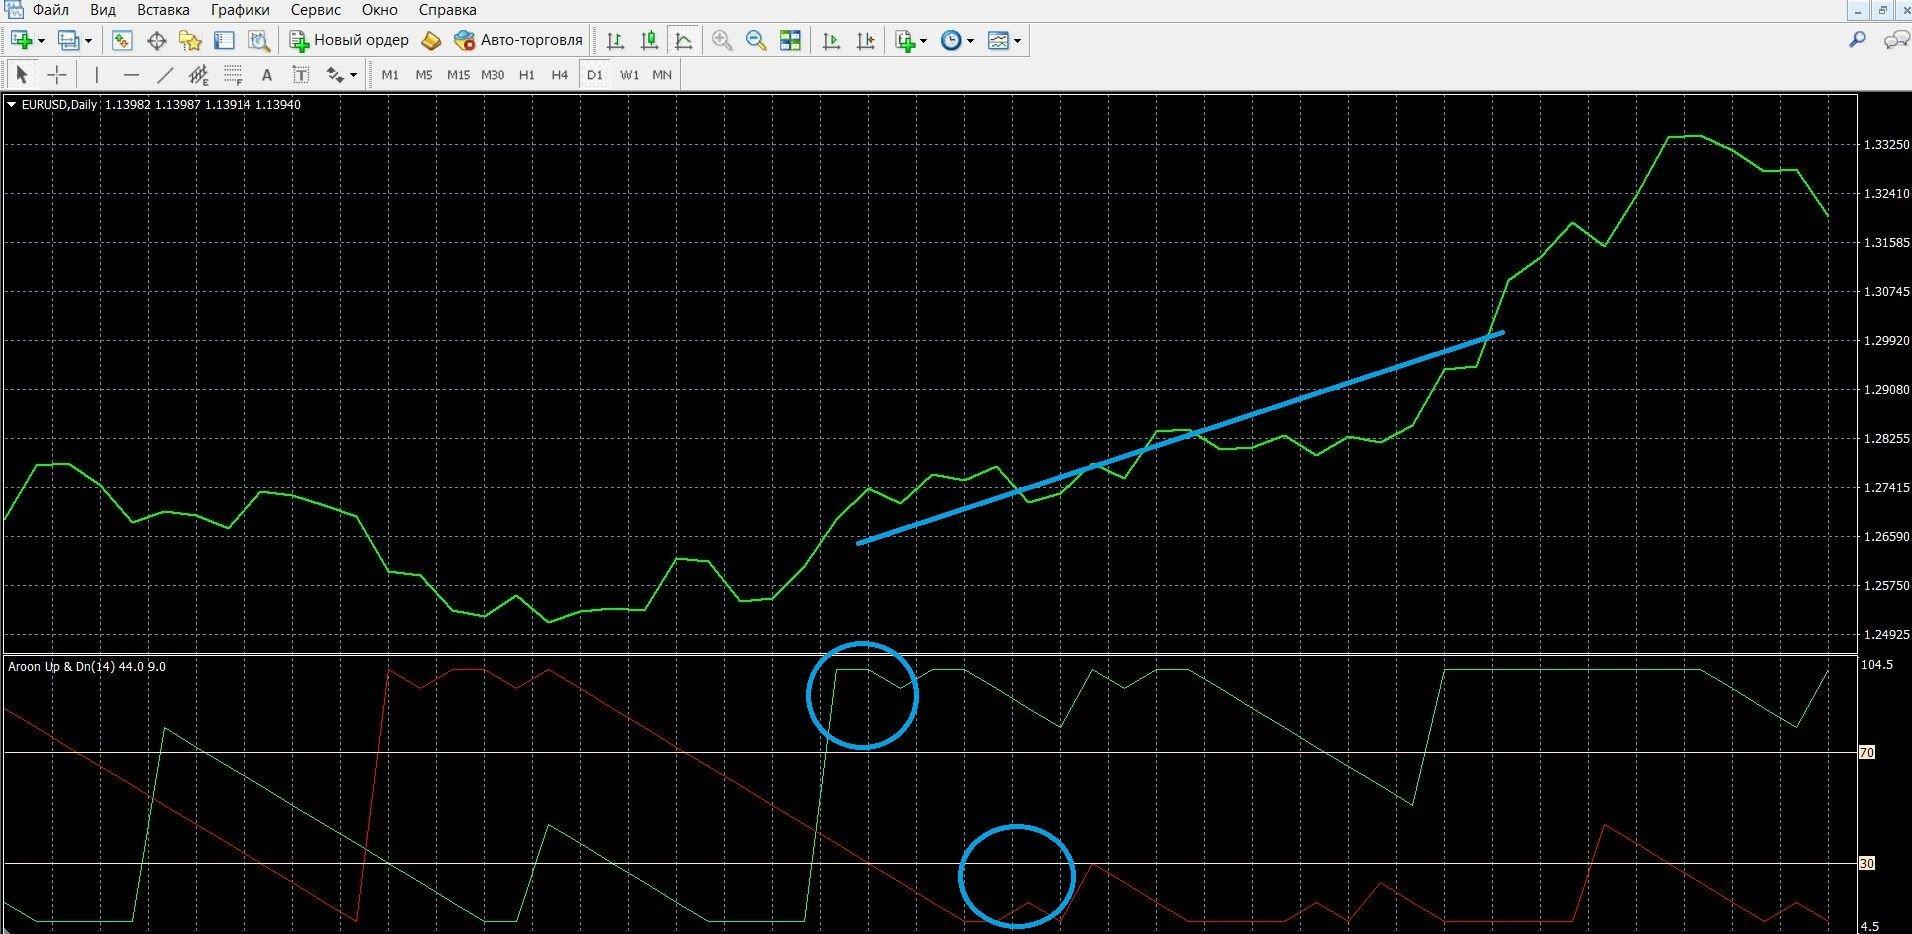 Индикатор Aroon: торговля при сигнале пересечения линий